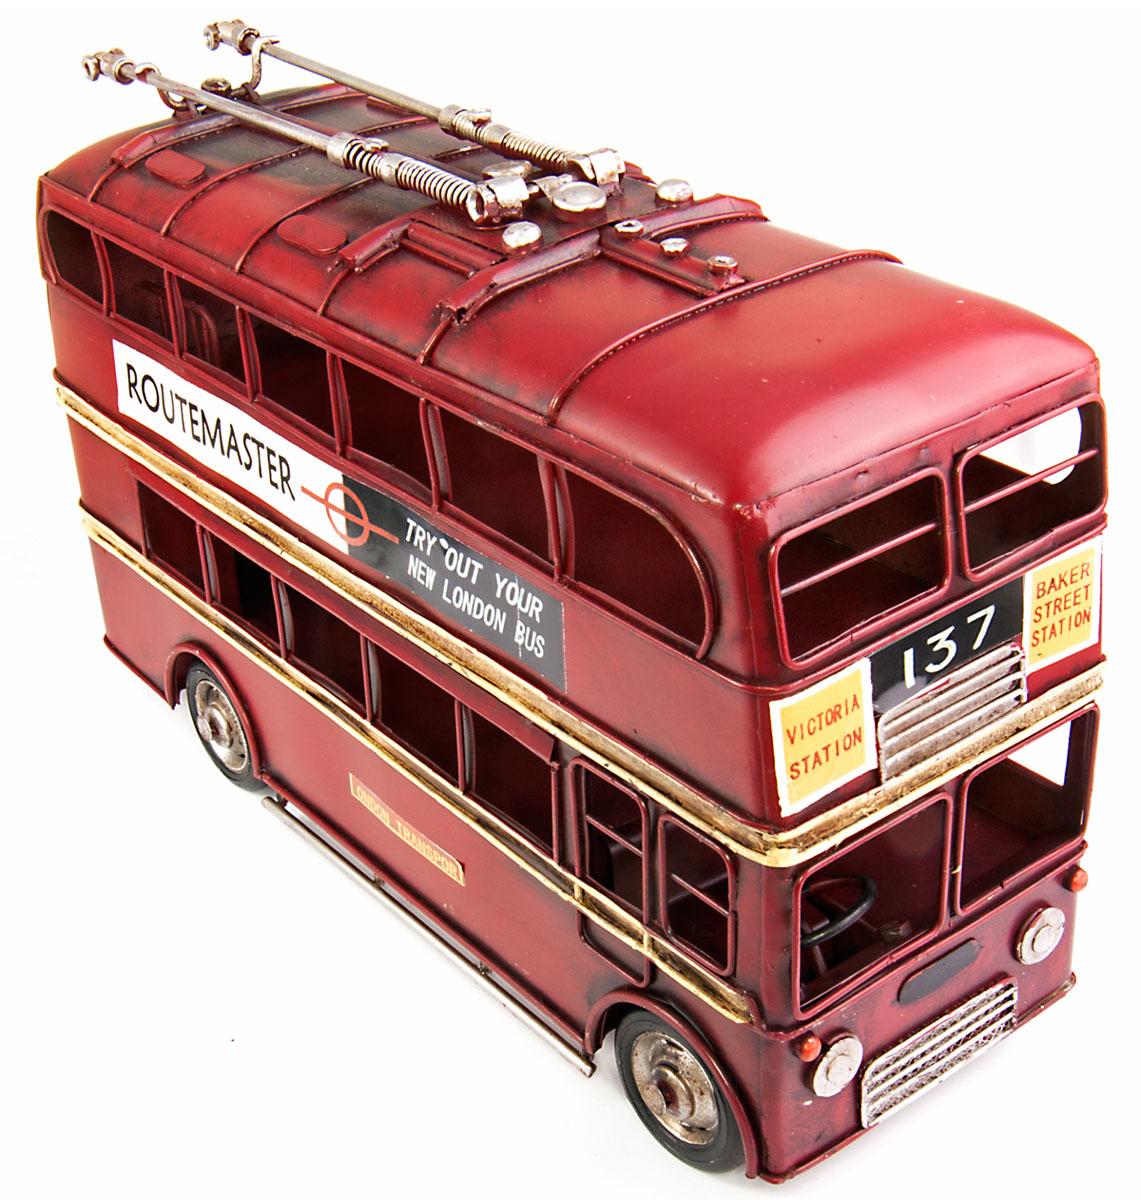 Модель Platinum Лондонский троллейбус. 1410E-4481700045Модель Platinum Лондонский троллейбус, выполненная из металла, станет оригинальным украшением интерьера. Вы можете поставить ретро-модель в любом месте, где она будет удачно смотреться.Качество исполнения, точные детали и оригинальный дизайн выделяют эту модель среди ряда подобных. Модель займет достойное место в вашей коллекции, а также приятно удивит получателя в качестве стильного сувенира.